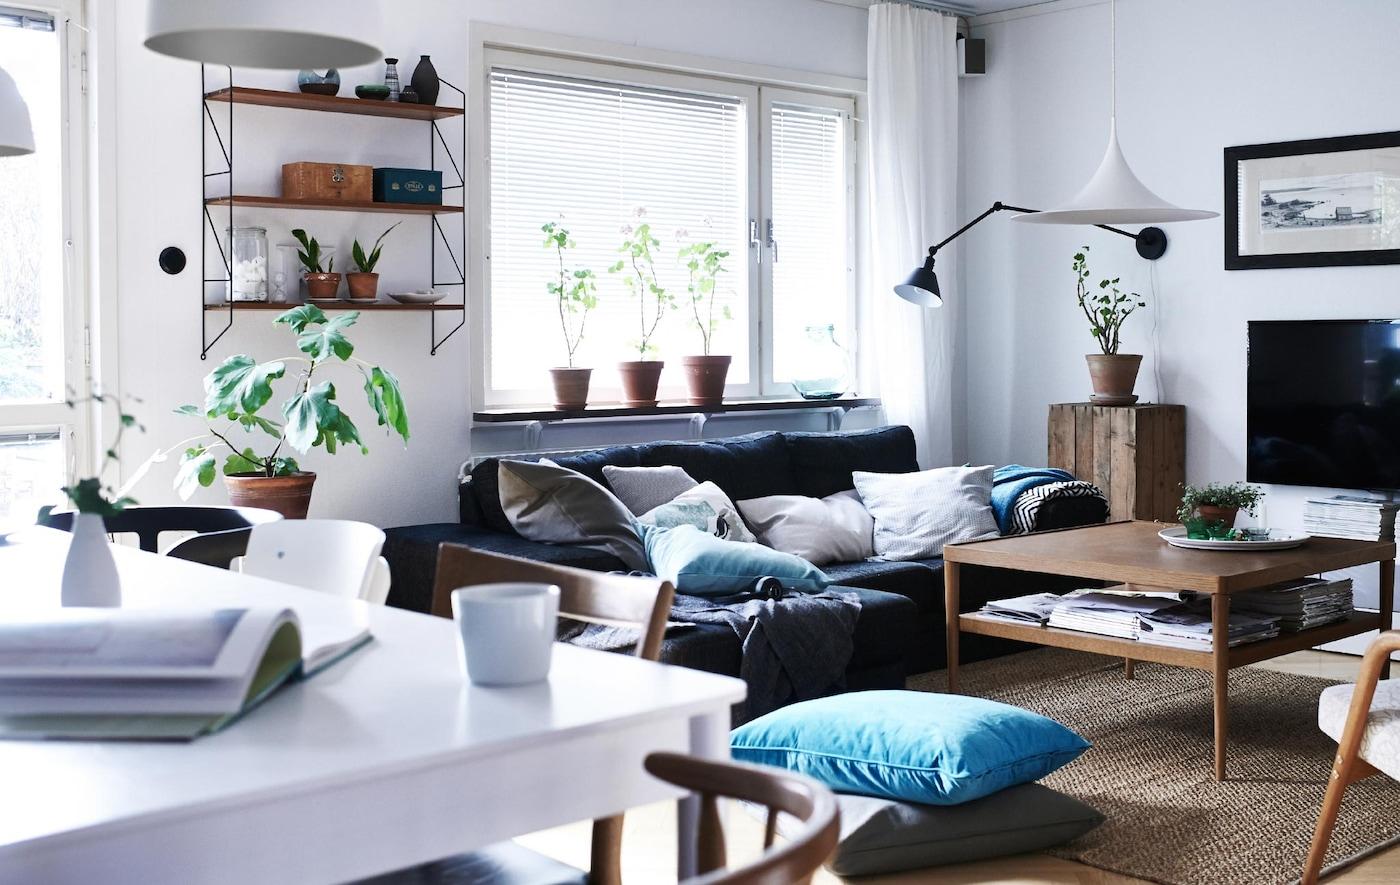 Ein offenes Wohnzimmer mit moderner Einrichtung, wie einem grauen Sofa, einem Tisch, Stühlen und Kissen.